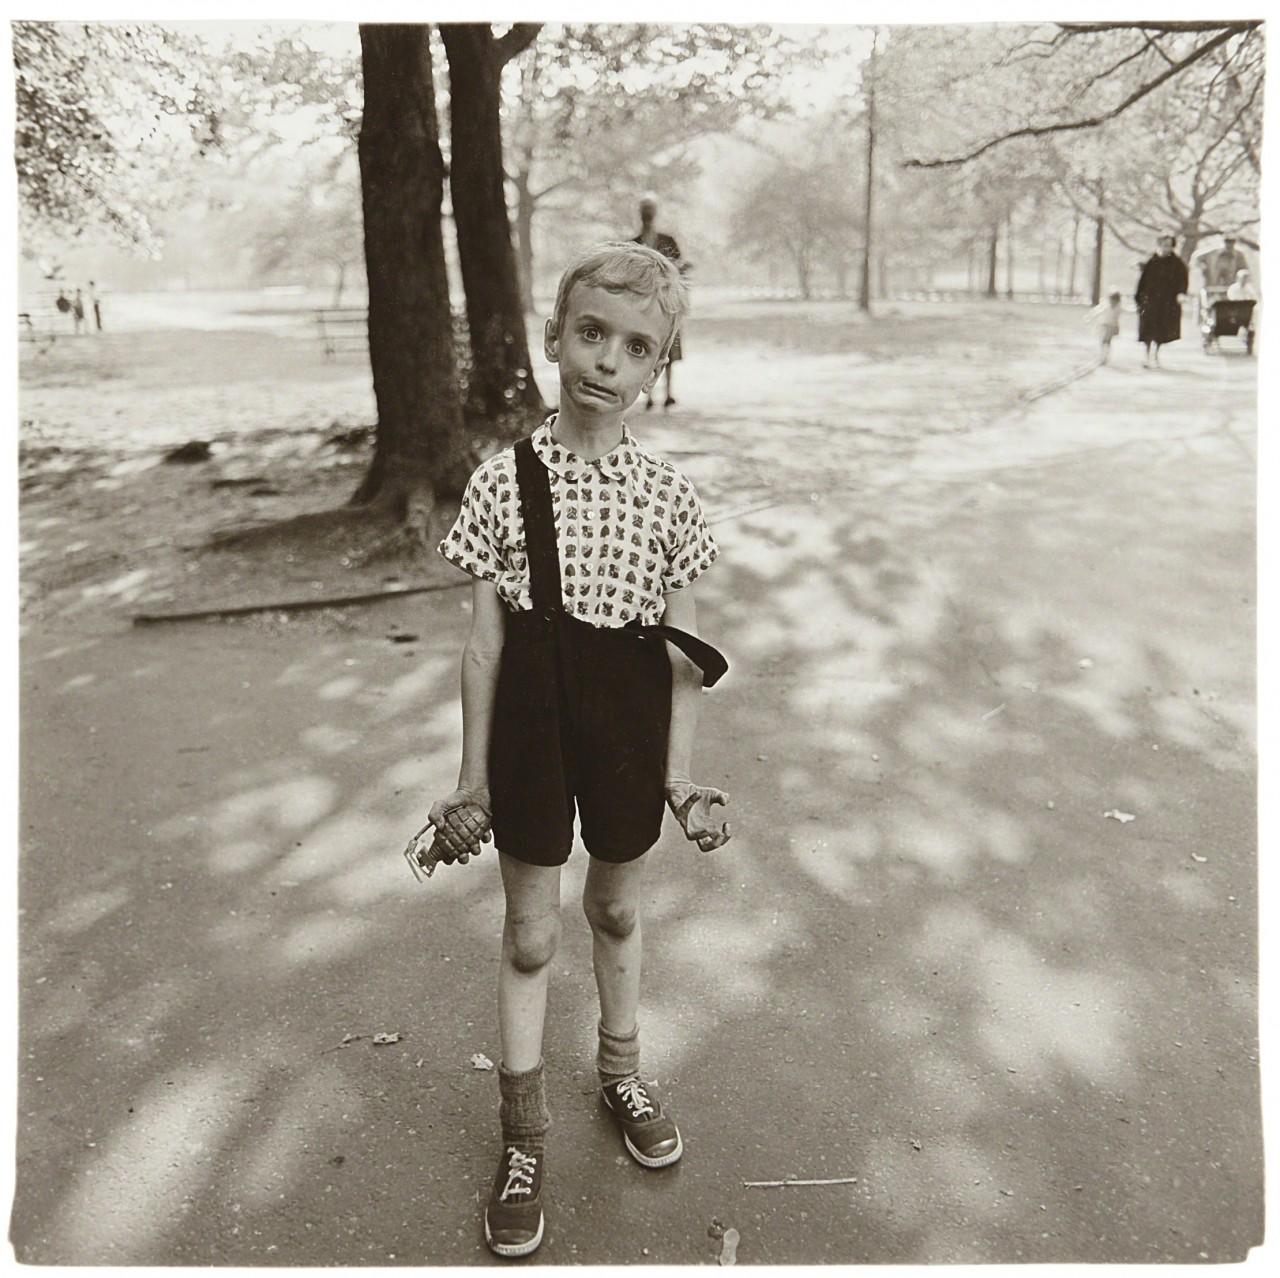 Ребенок с игрушечной гранатой в Центральном парке, Нью-Йорк, 1962. Фотограф Диана Арбус